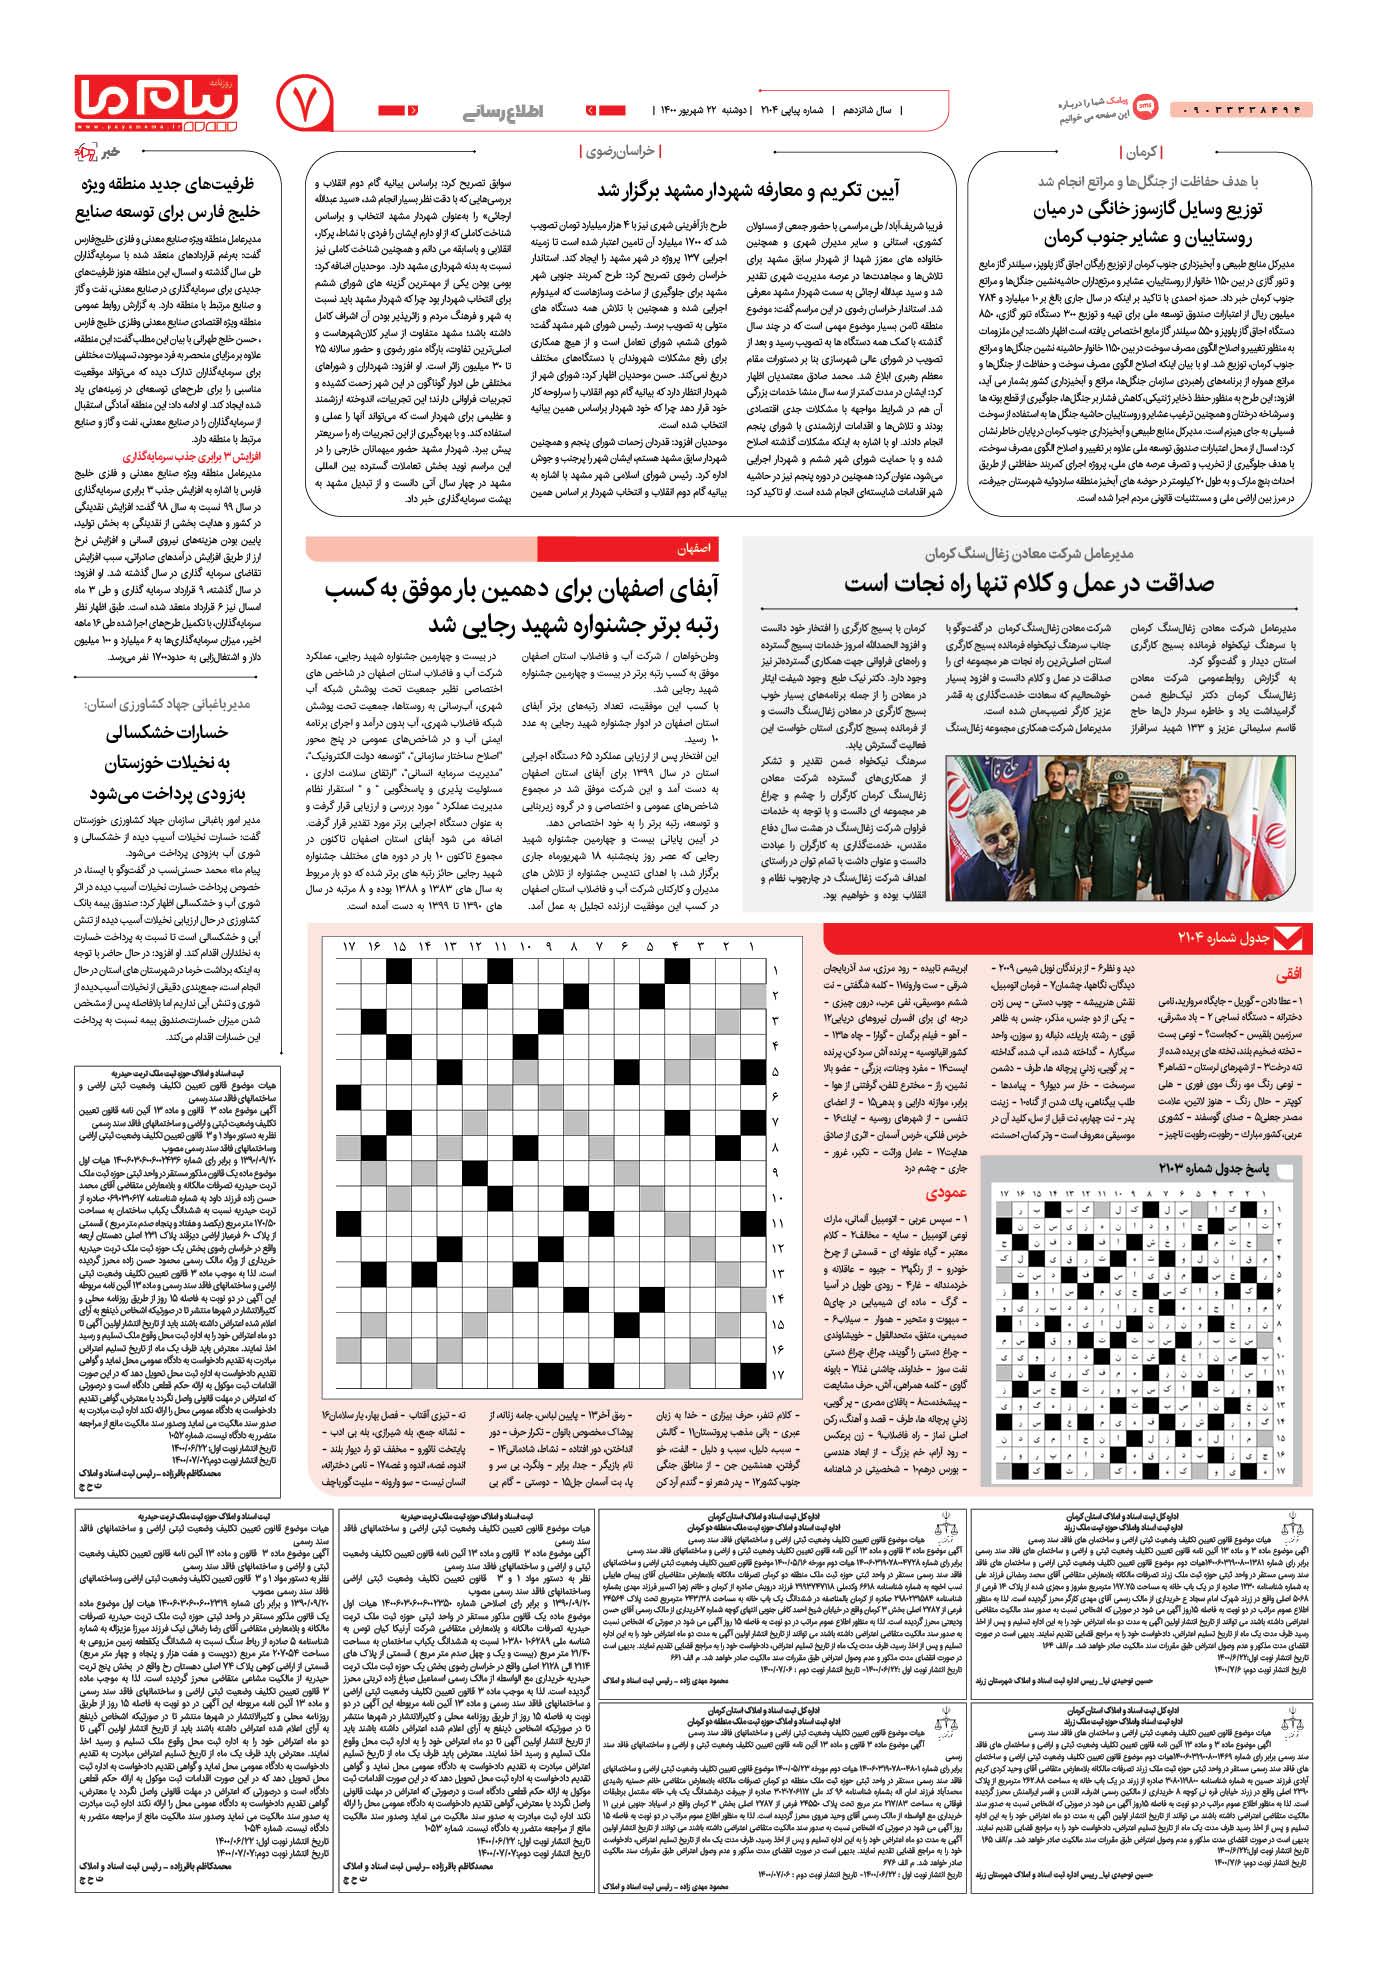 صفحه اطلاع رسانی شماره 2104 روزنامه پیام ما